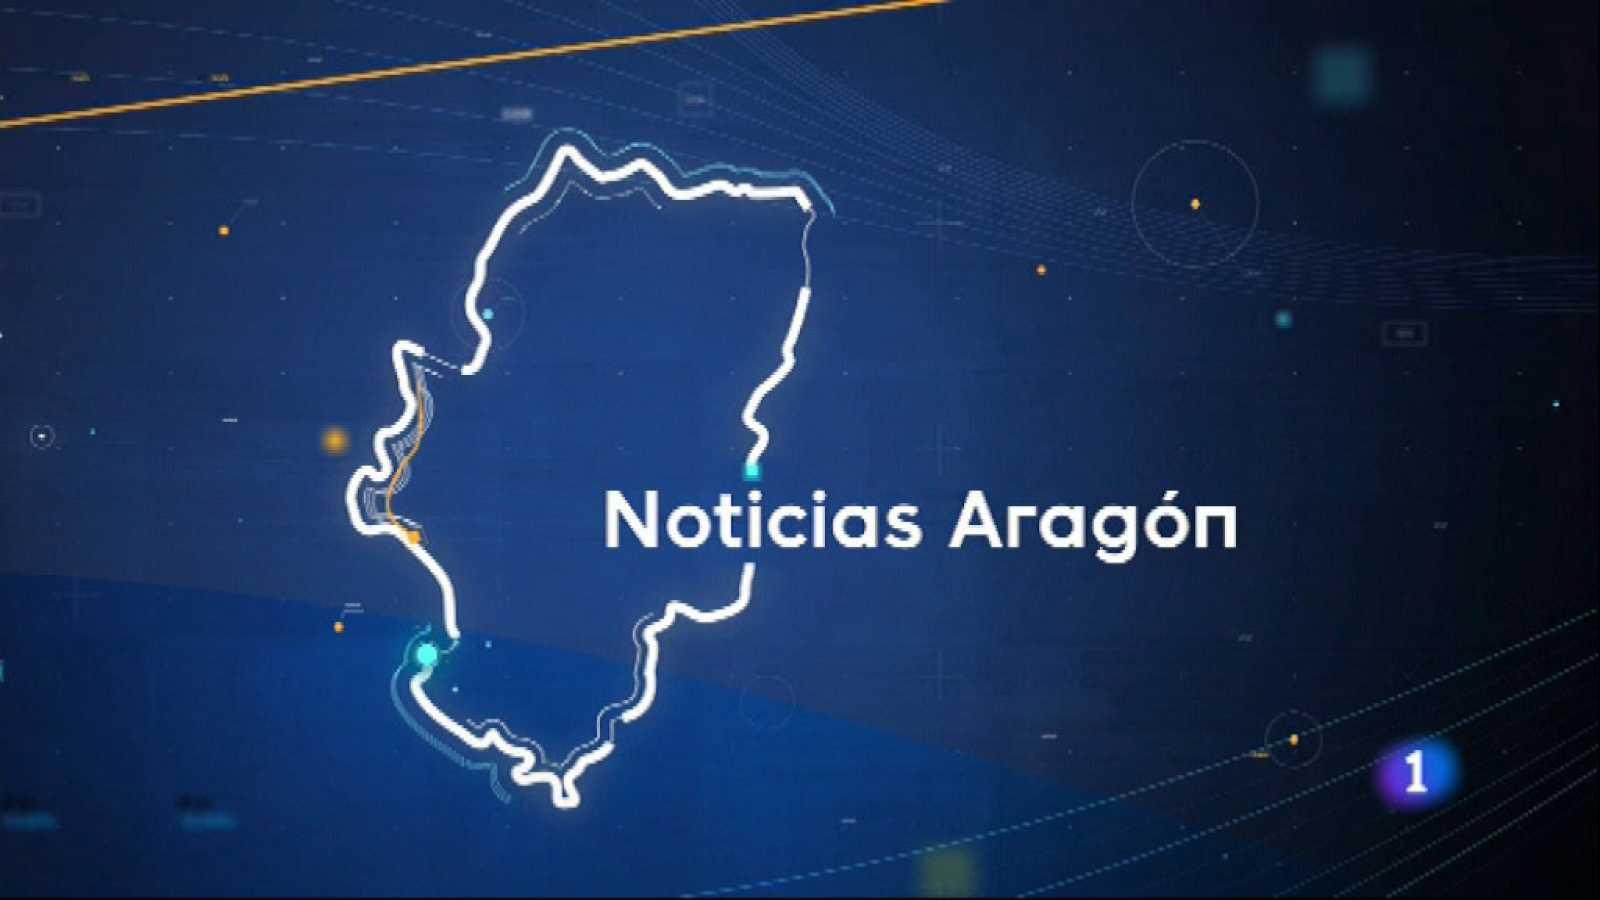 Aragón en 2 - 21/04/21 - Ver ahora